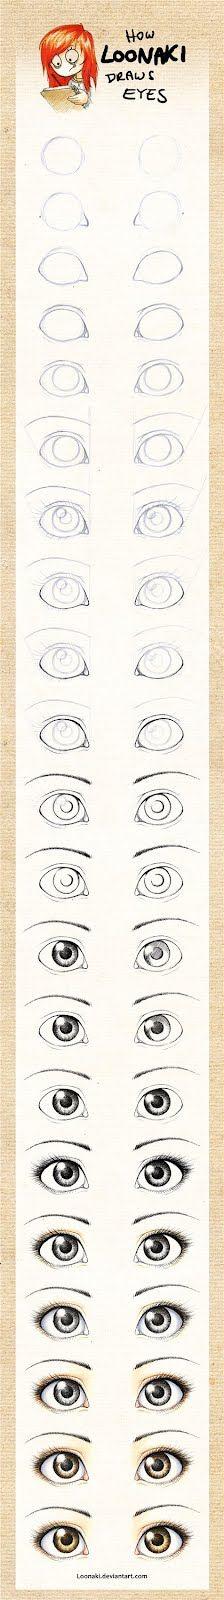 PORCELANA FRIA Trynys design: Como dibujar y pintar ojos de muñecas